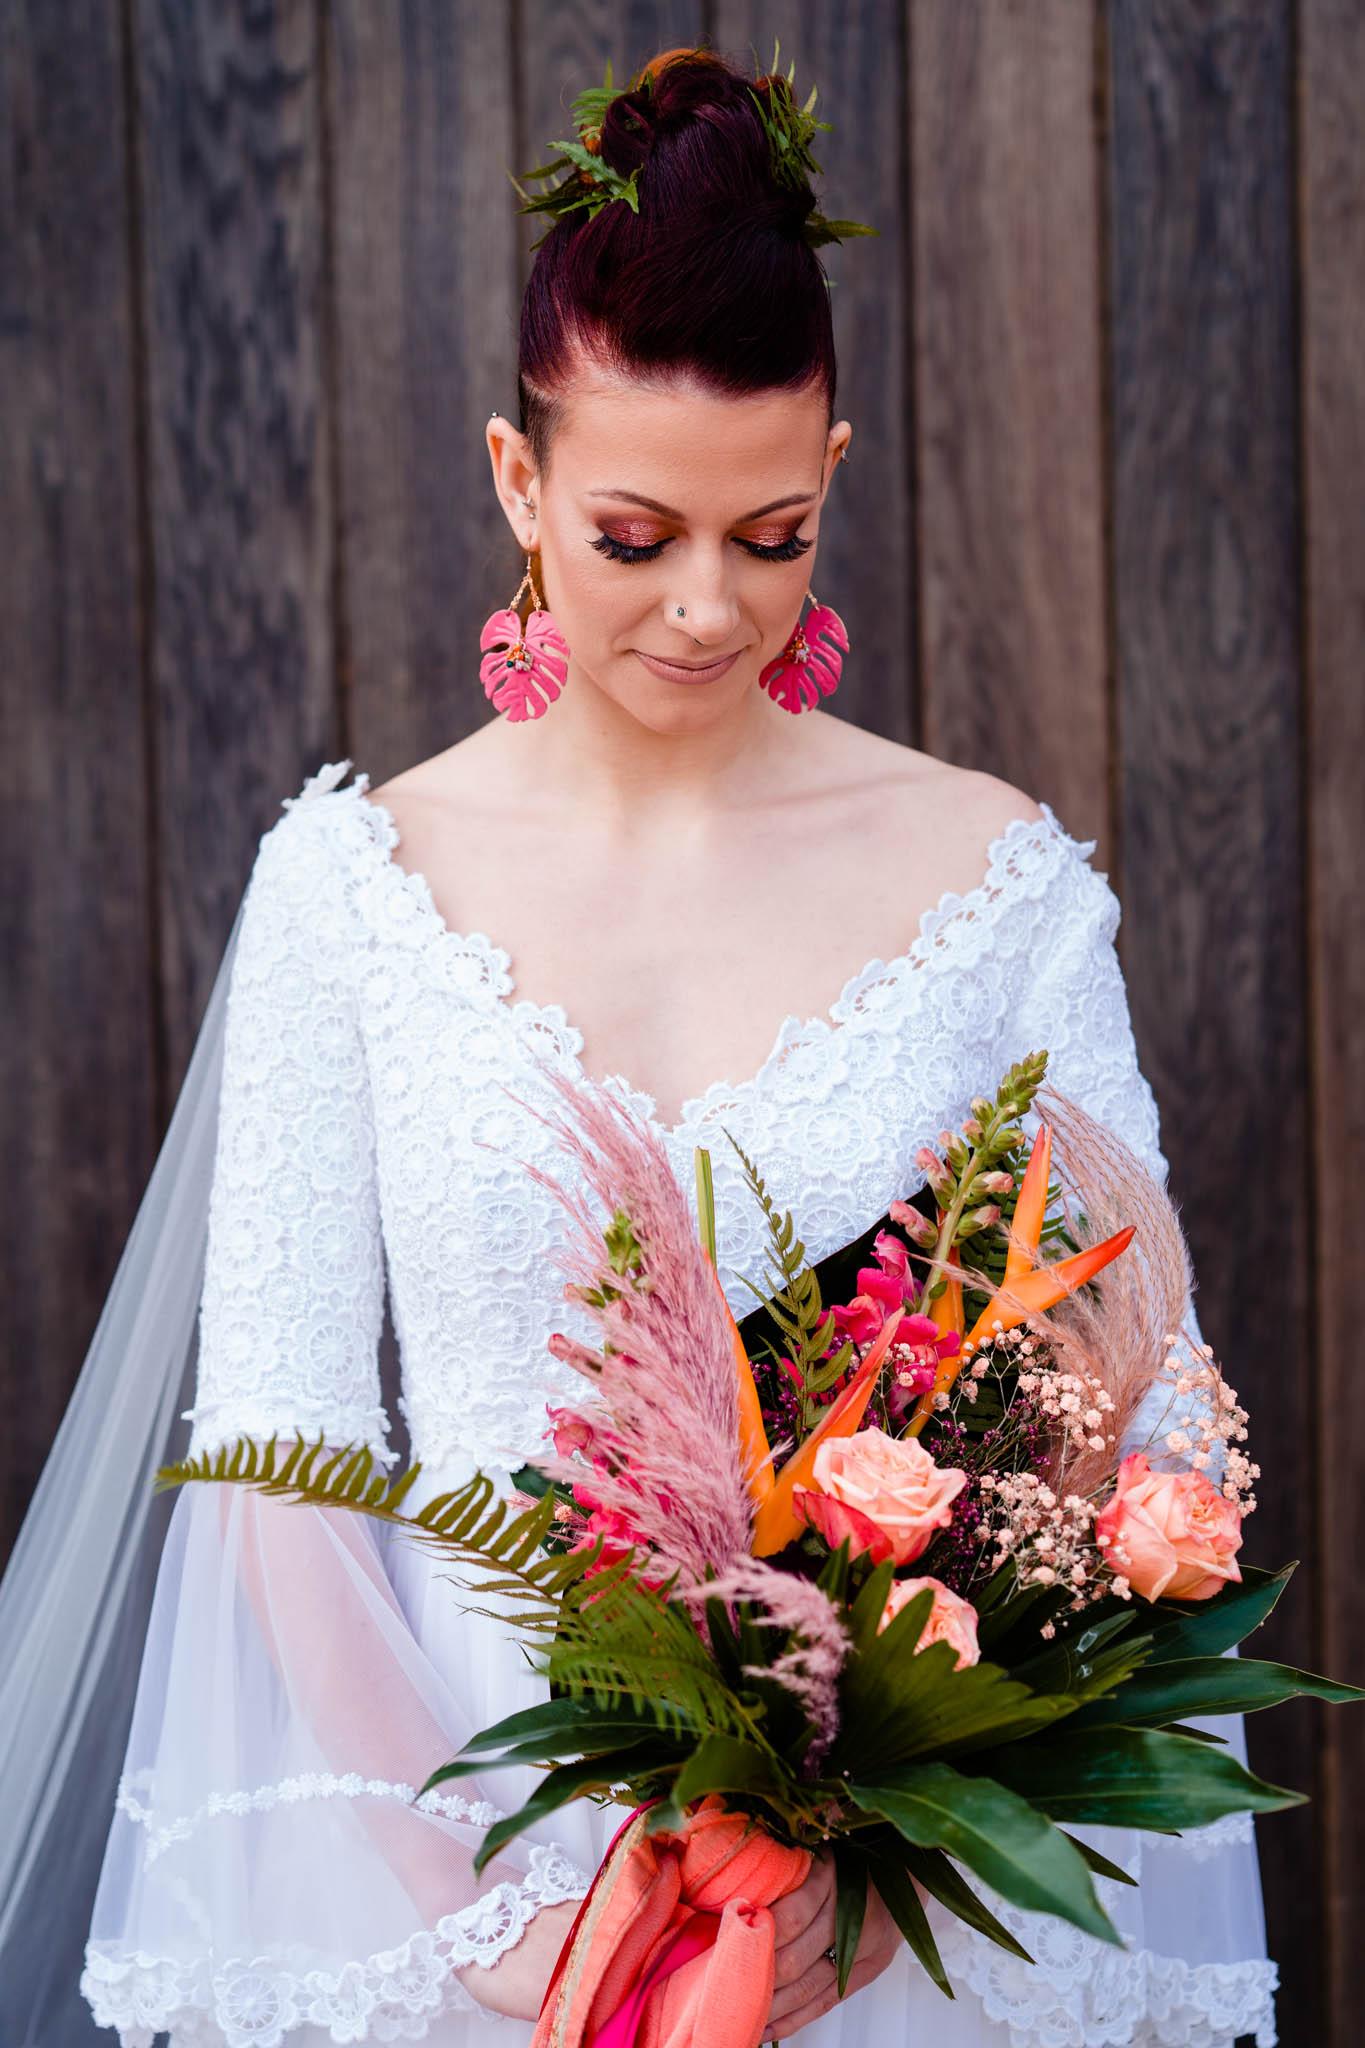 modern bridal wear - colourful wedding bouquet - modern tropical wedding - modern wedding - modern bride - east midlands wedding planner